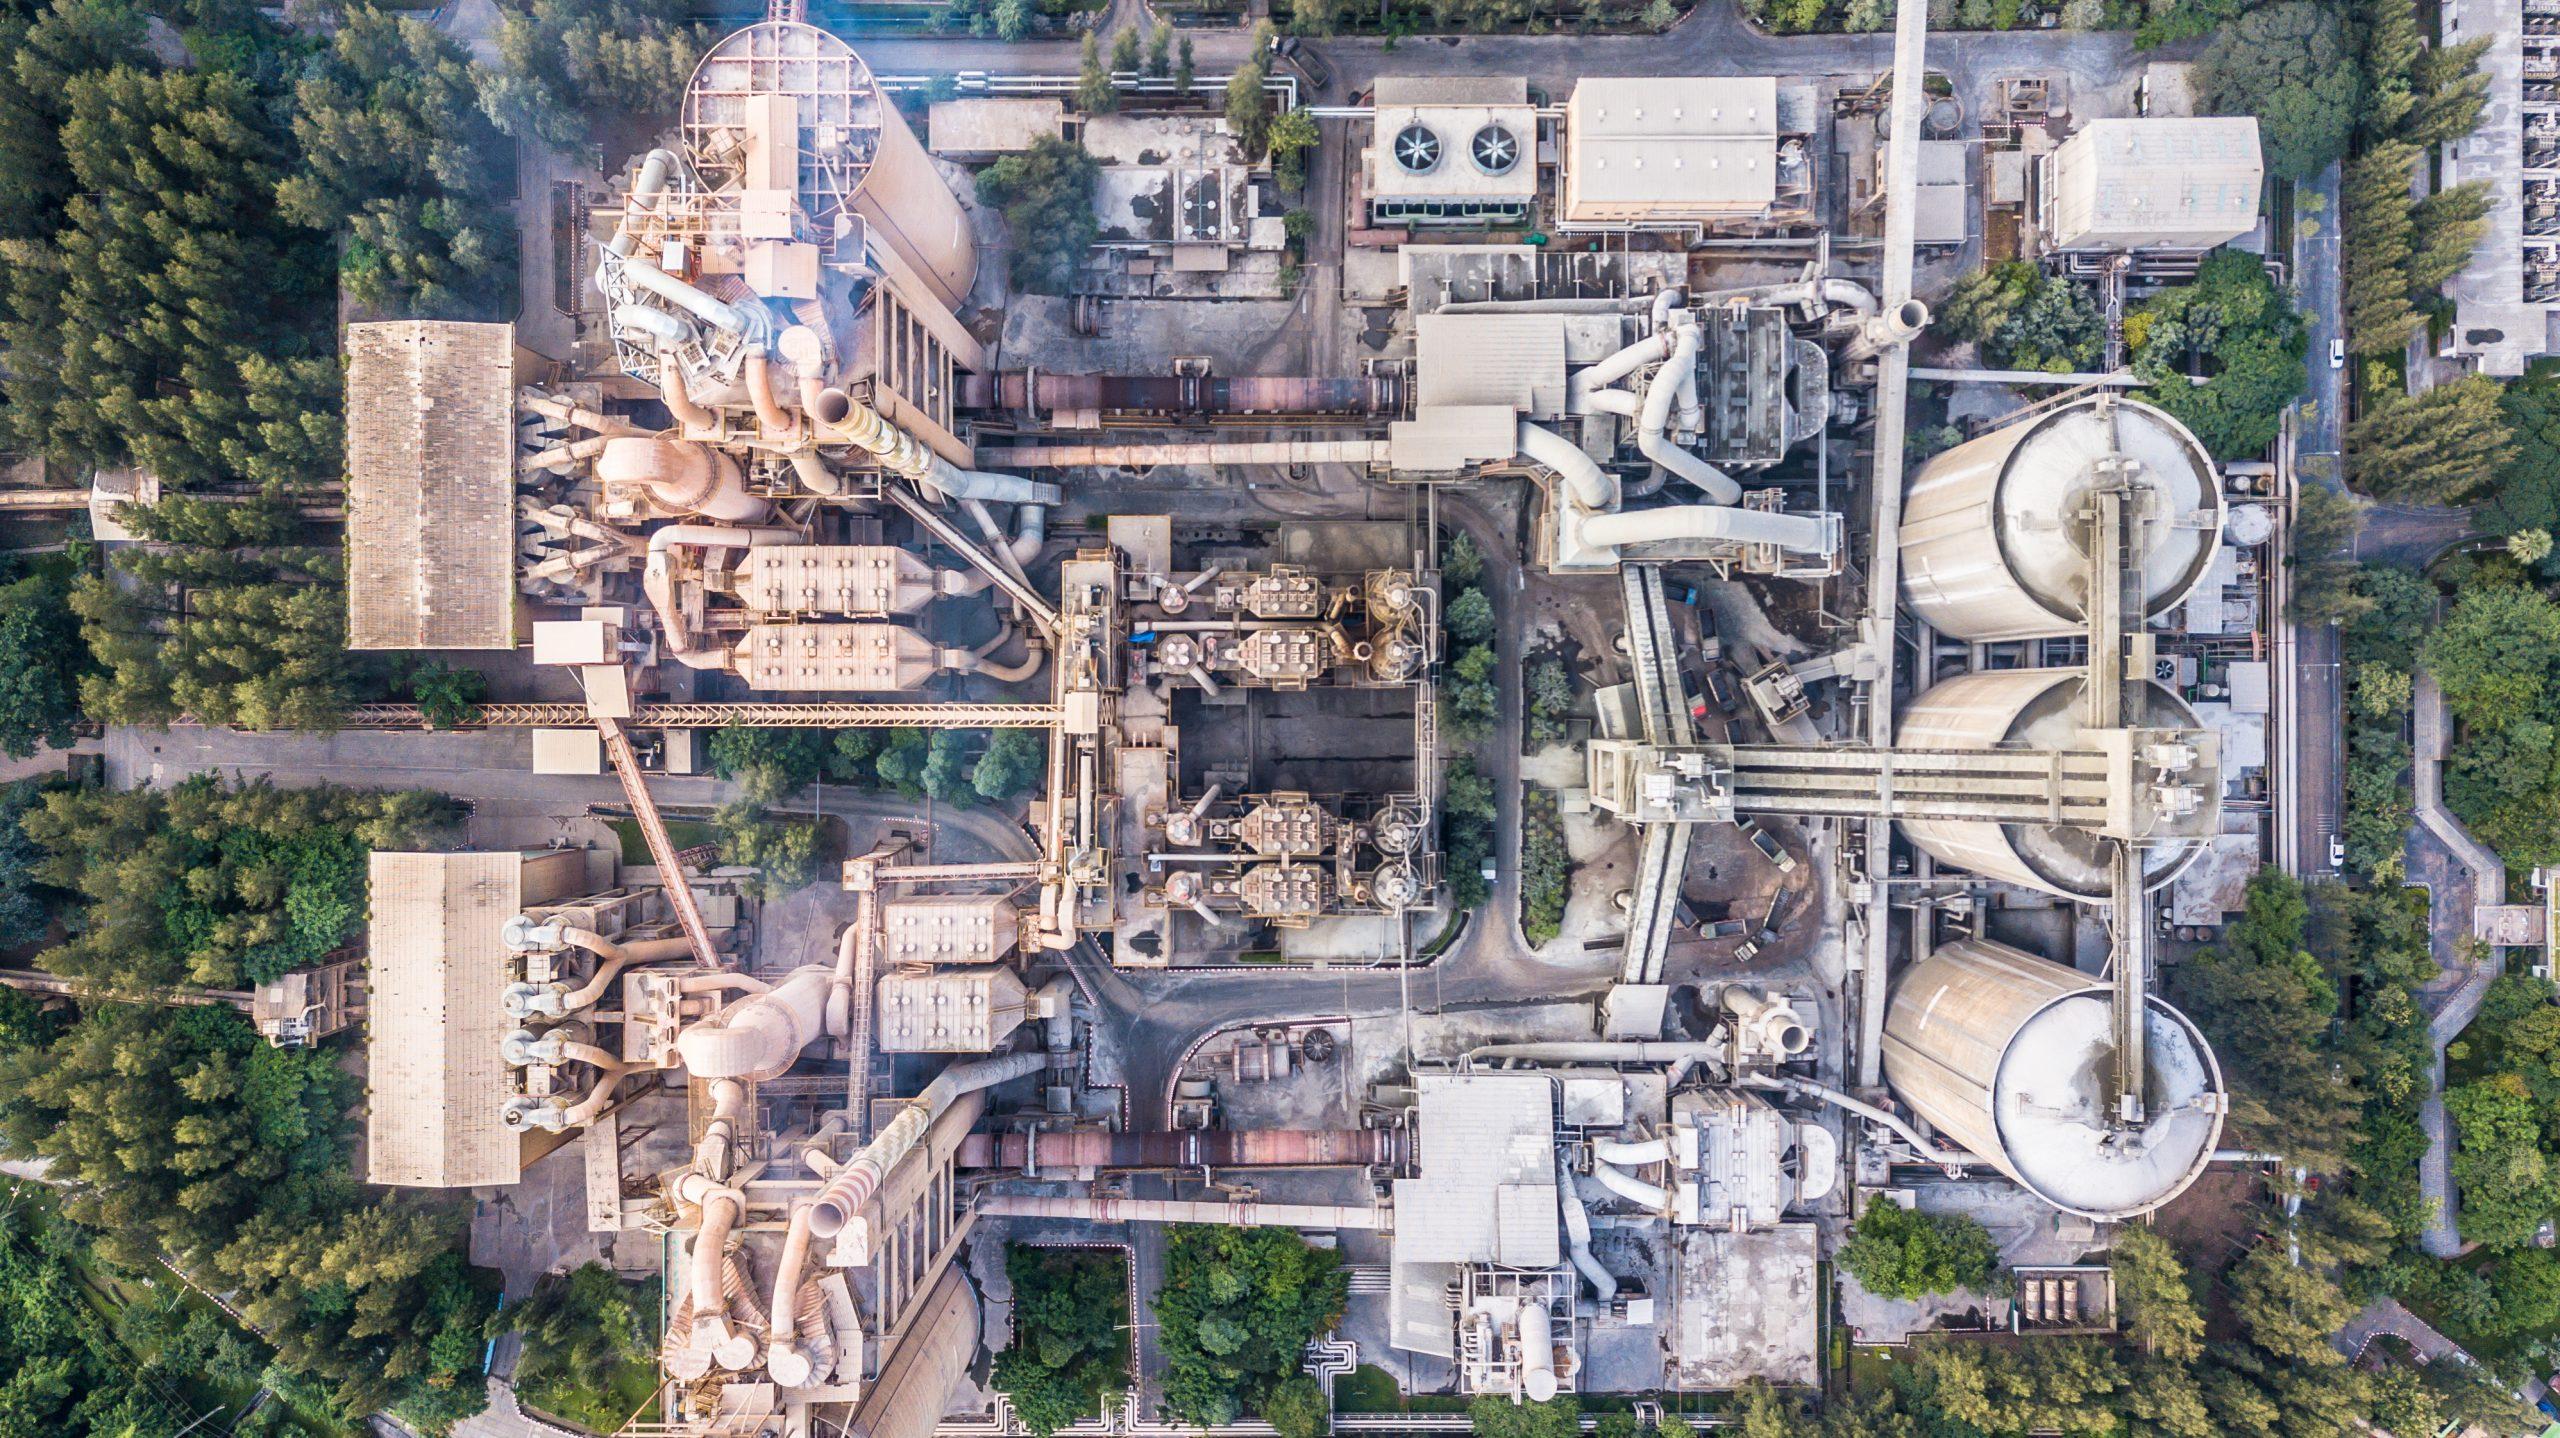 Reliability cement plant